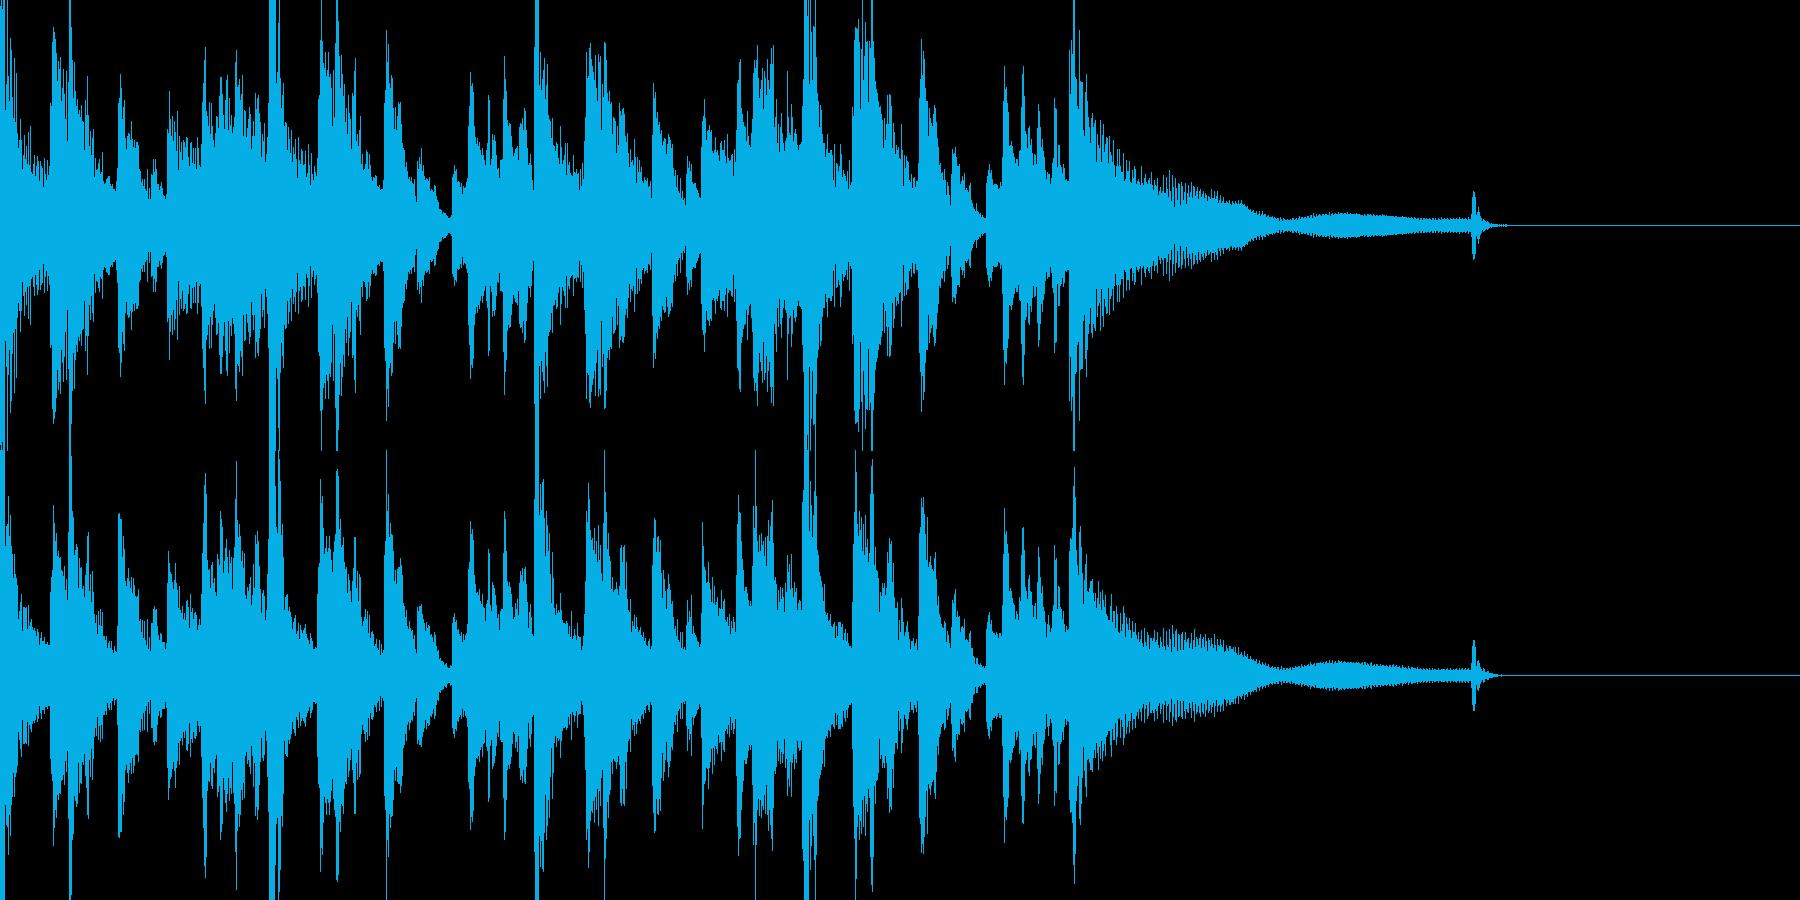 ジャズ風ジングルの再生済みの波形